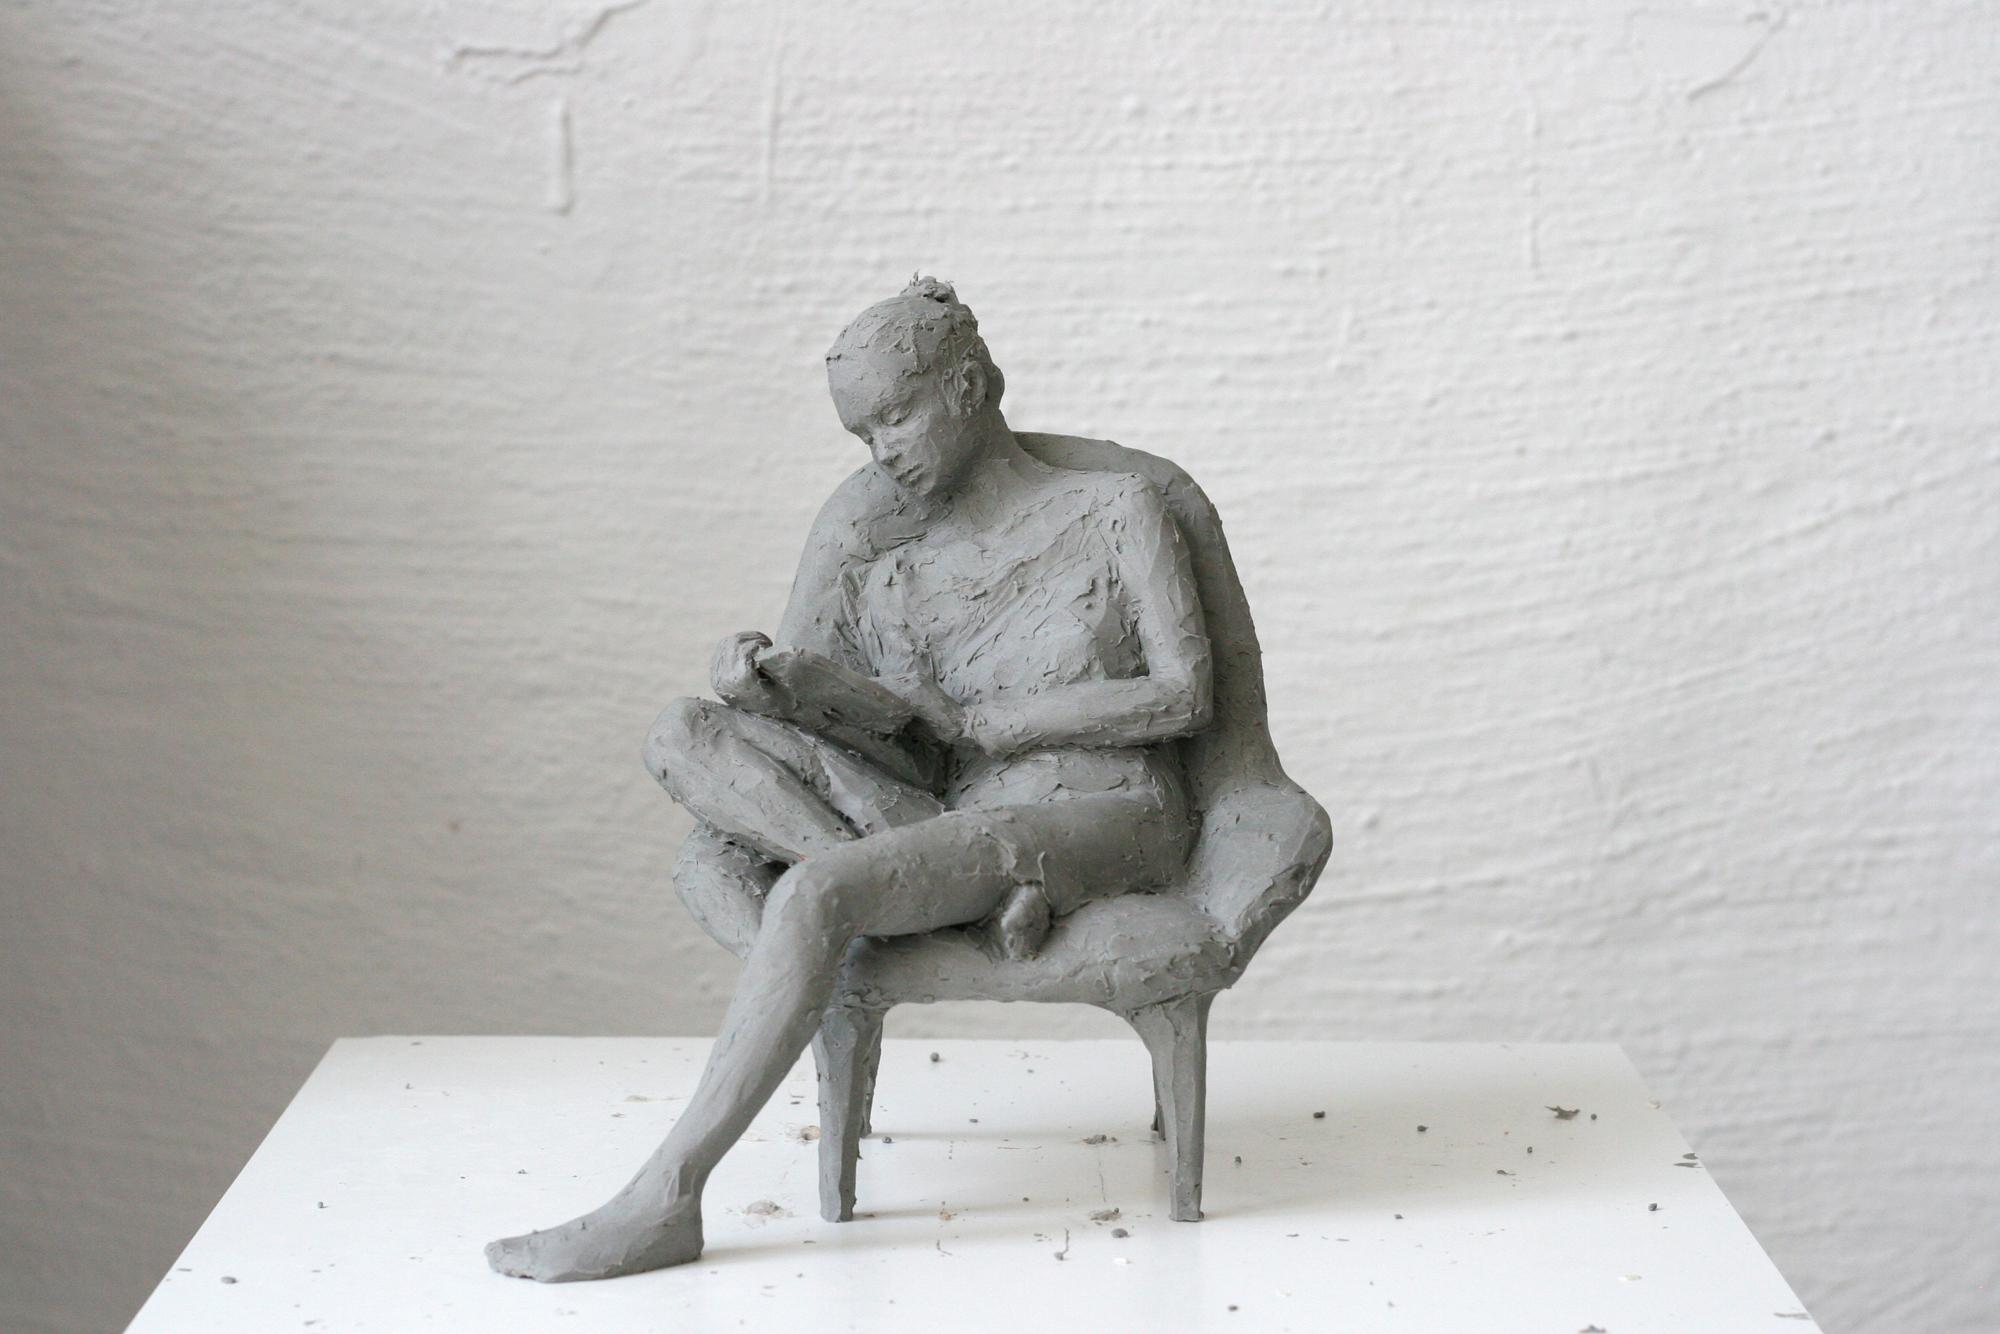 Eine junge Frau sitzt in einem Buch versunken auf einem Sessel.